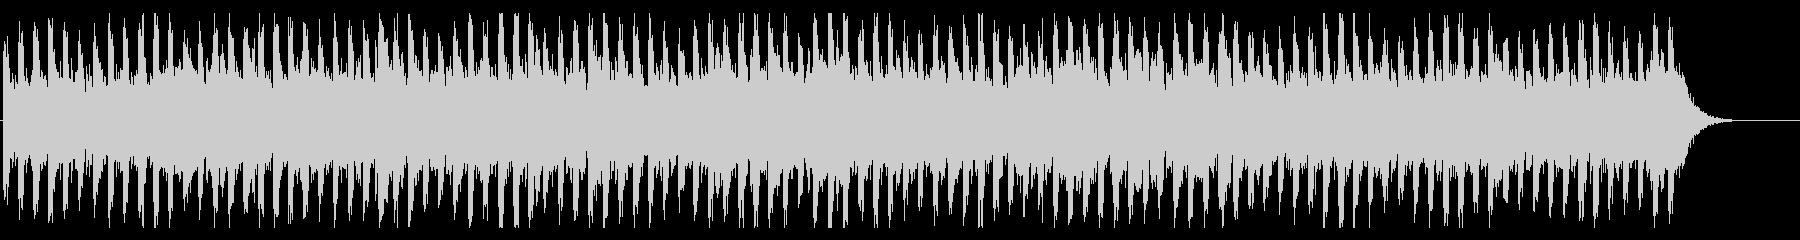 謎を解いているときに流れるBGMの未再生の波形